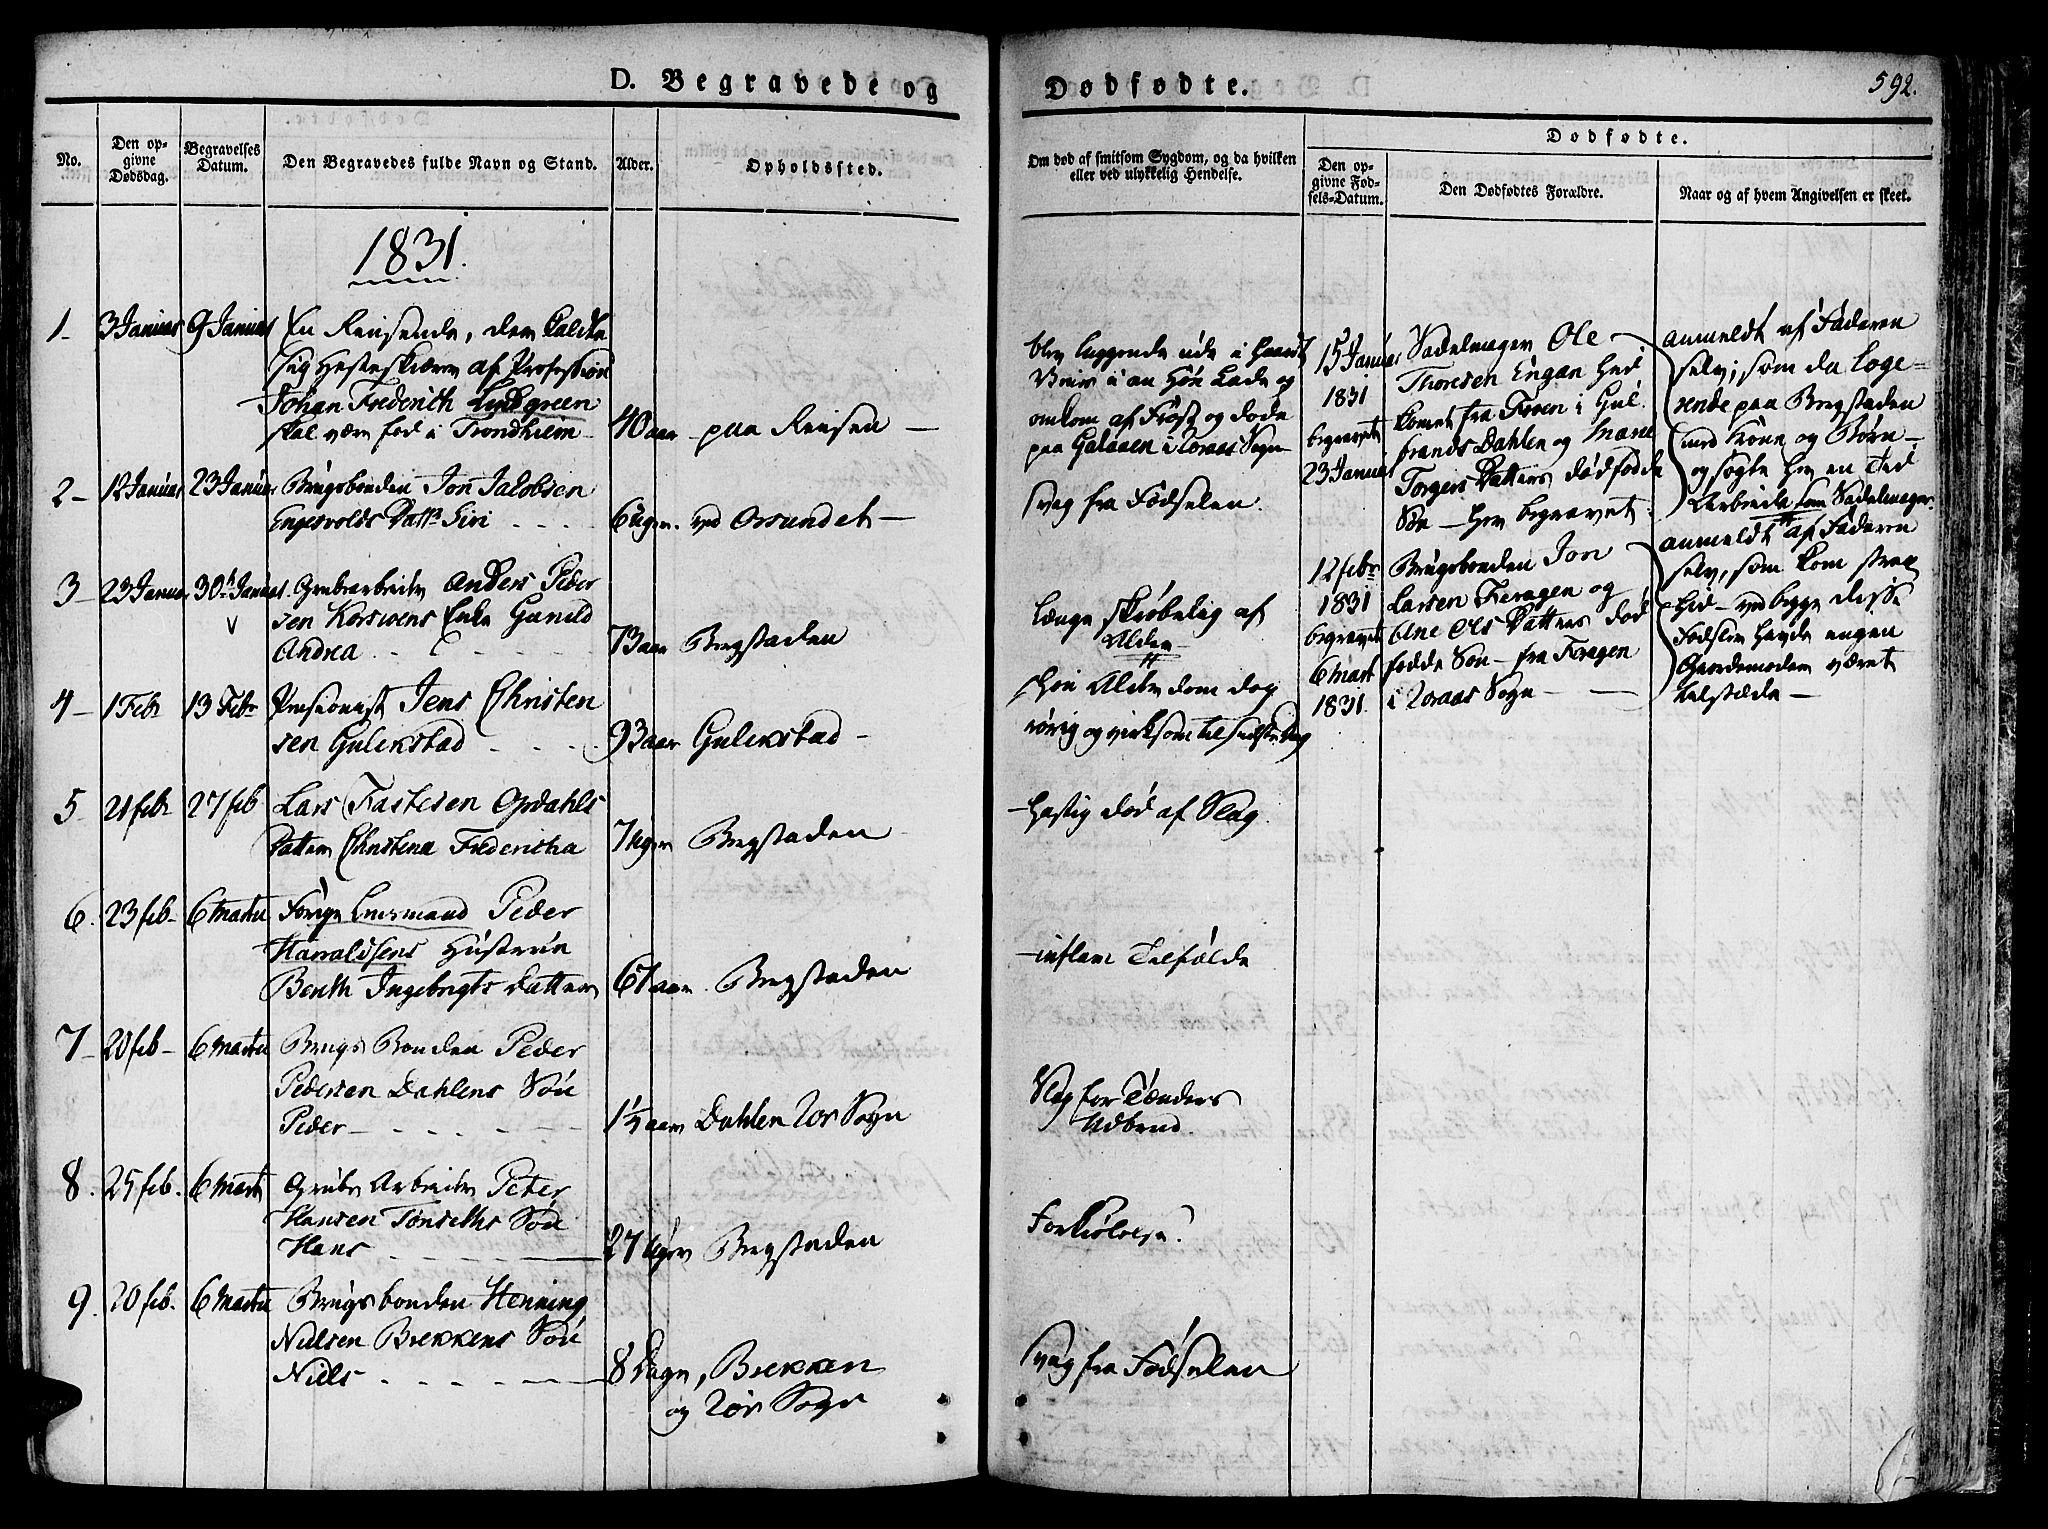 SAT, Ministerialprotokoller, klokkerbøker og fødselsregistre - Sør-Trøndelag, 681/L0930: Ministerialbok nr. 681A08, 1829-1844, s. 592